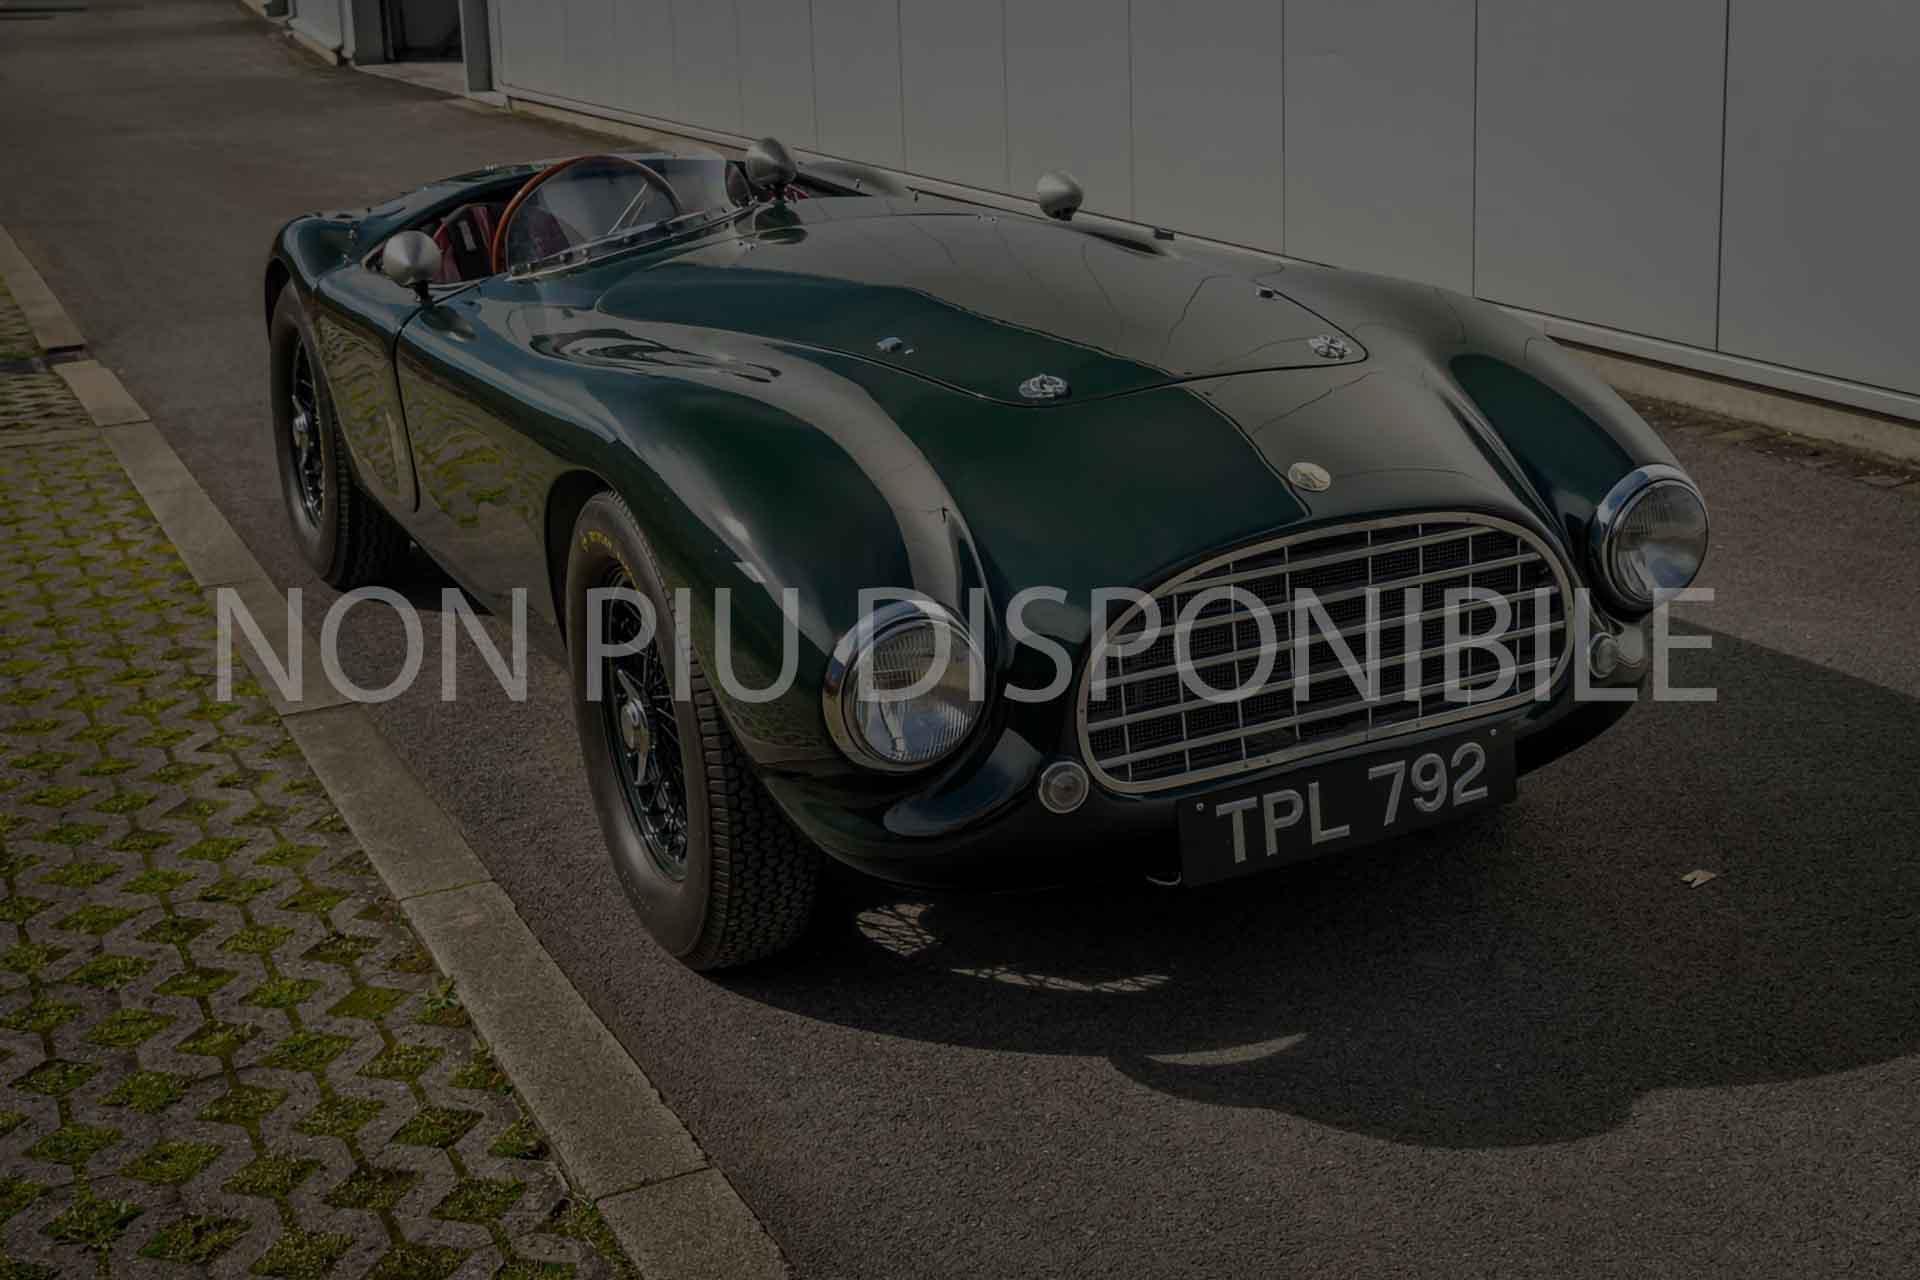 1953 AC Ace Prototype TPL 792 non piu disp